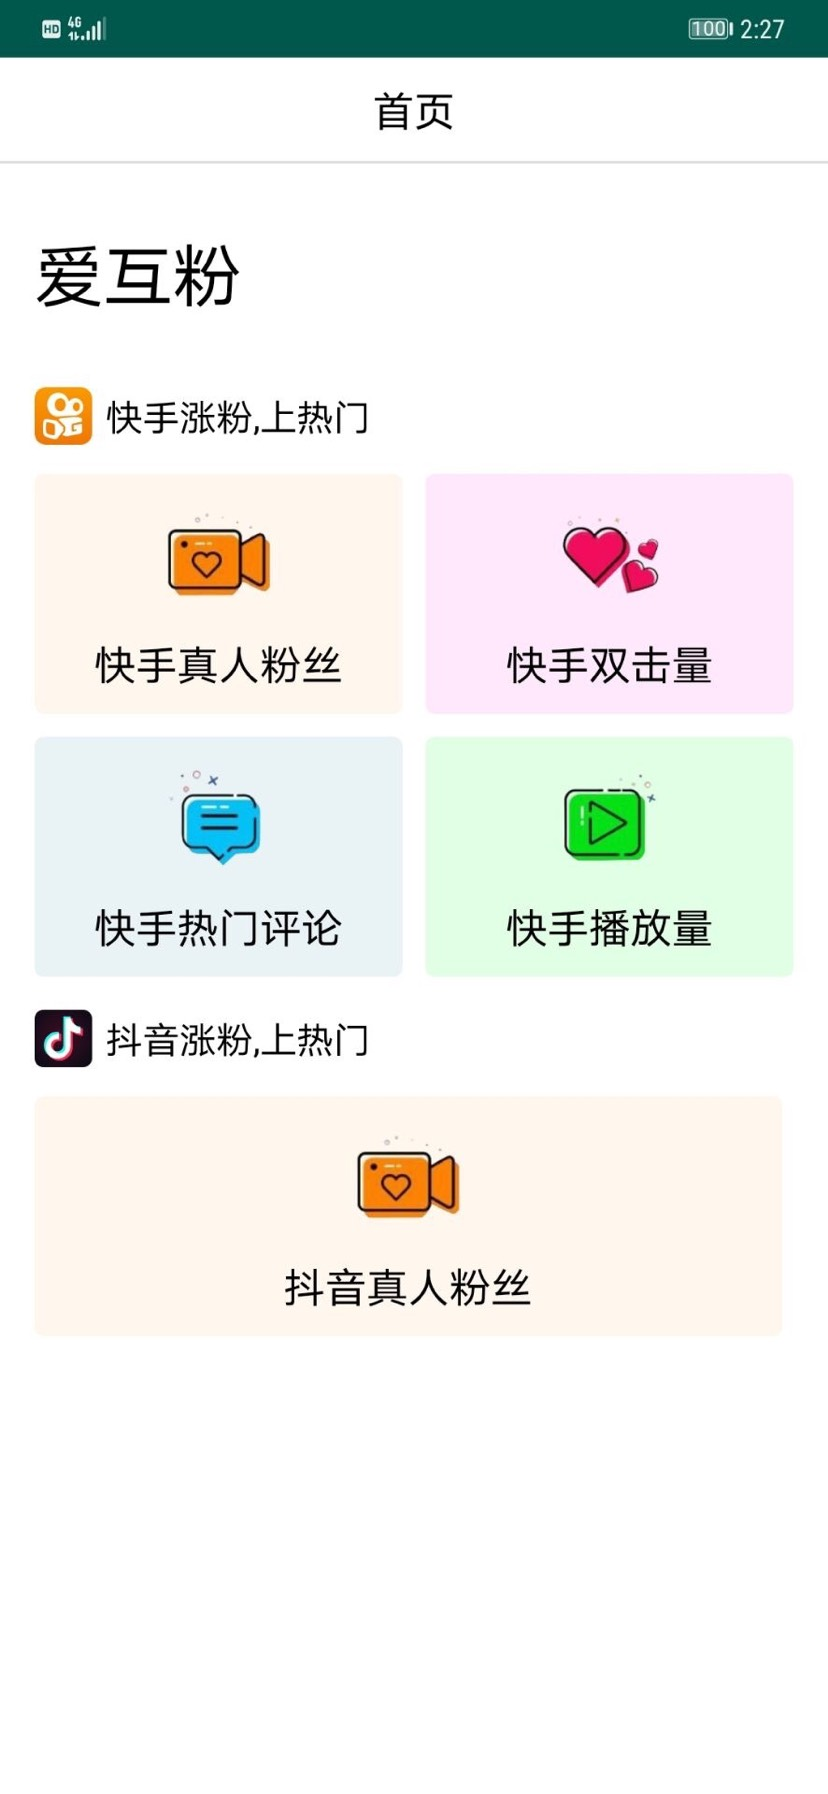 【分享】爱互粉1.5.9-修复部分用户链接无法获取问题快手互粉等